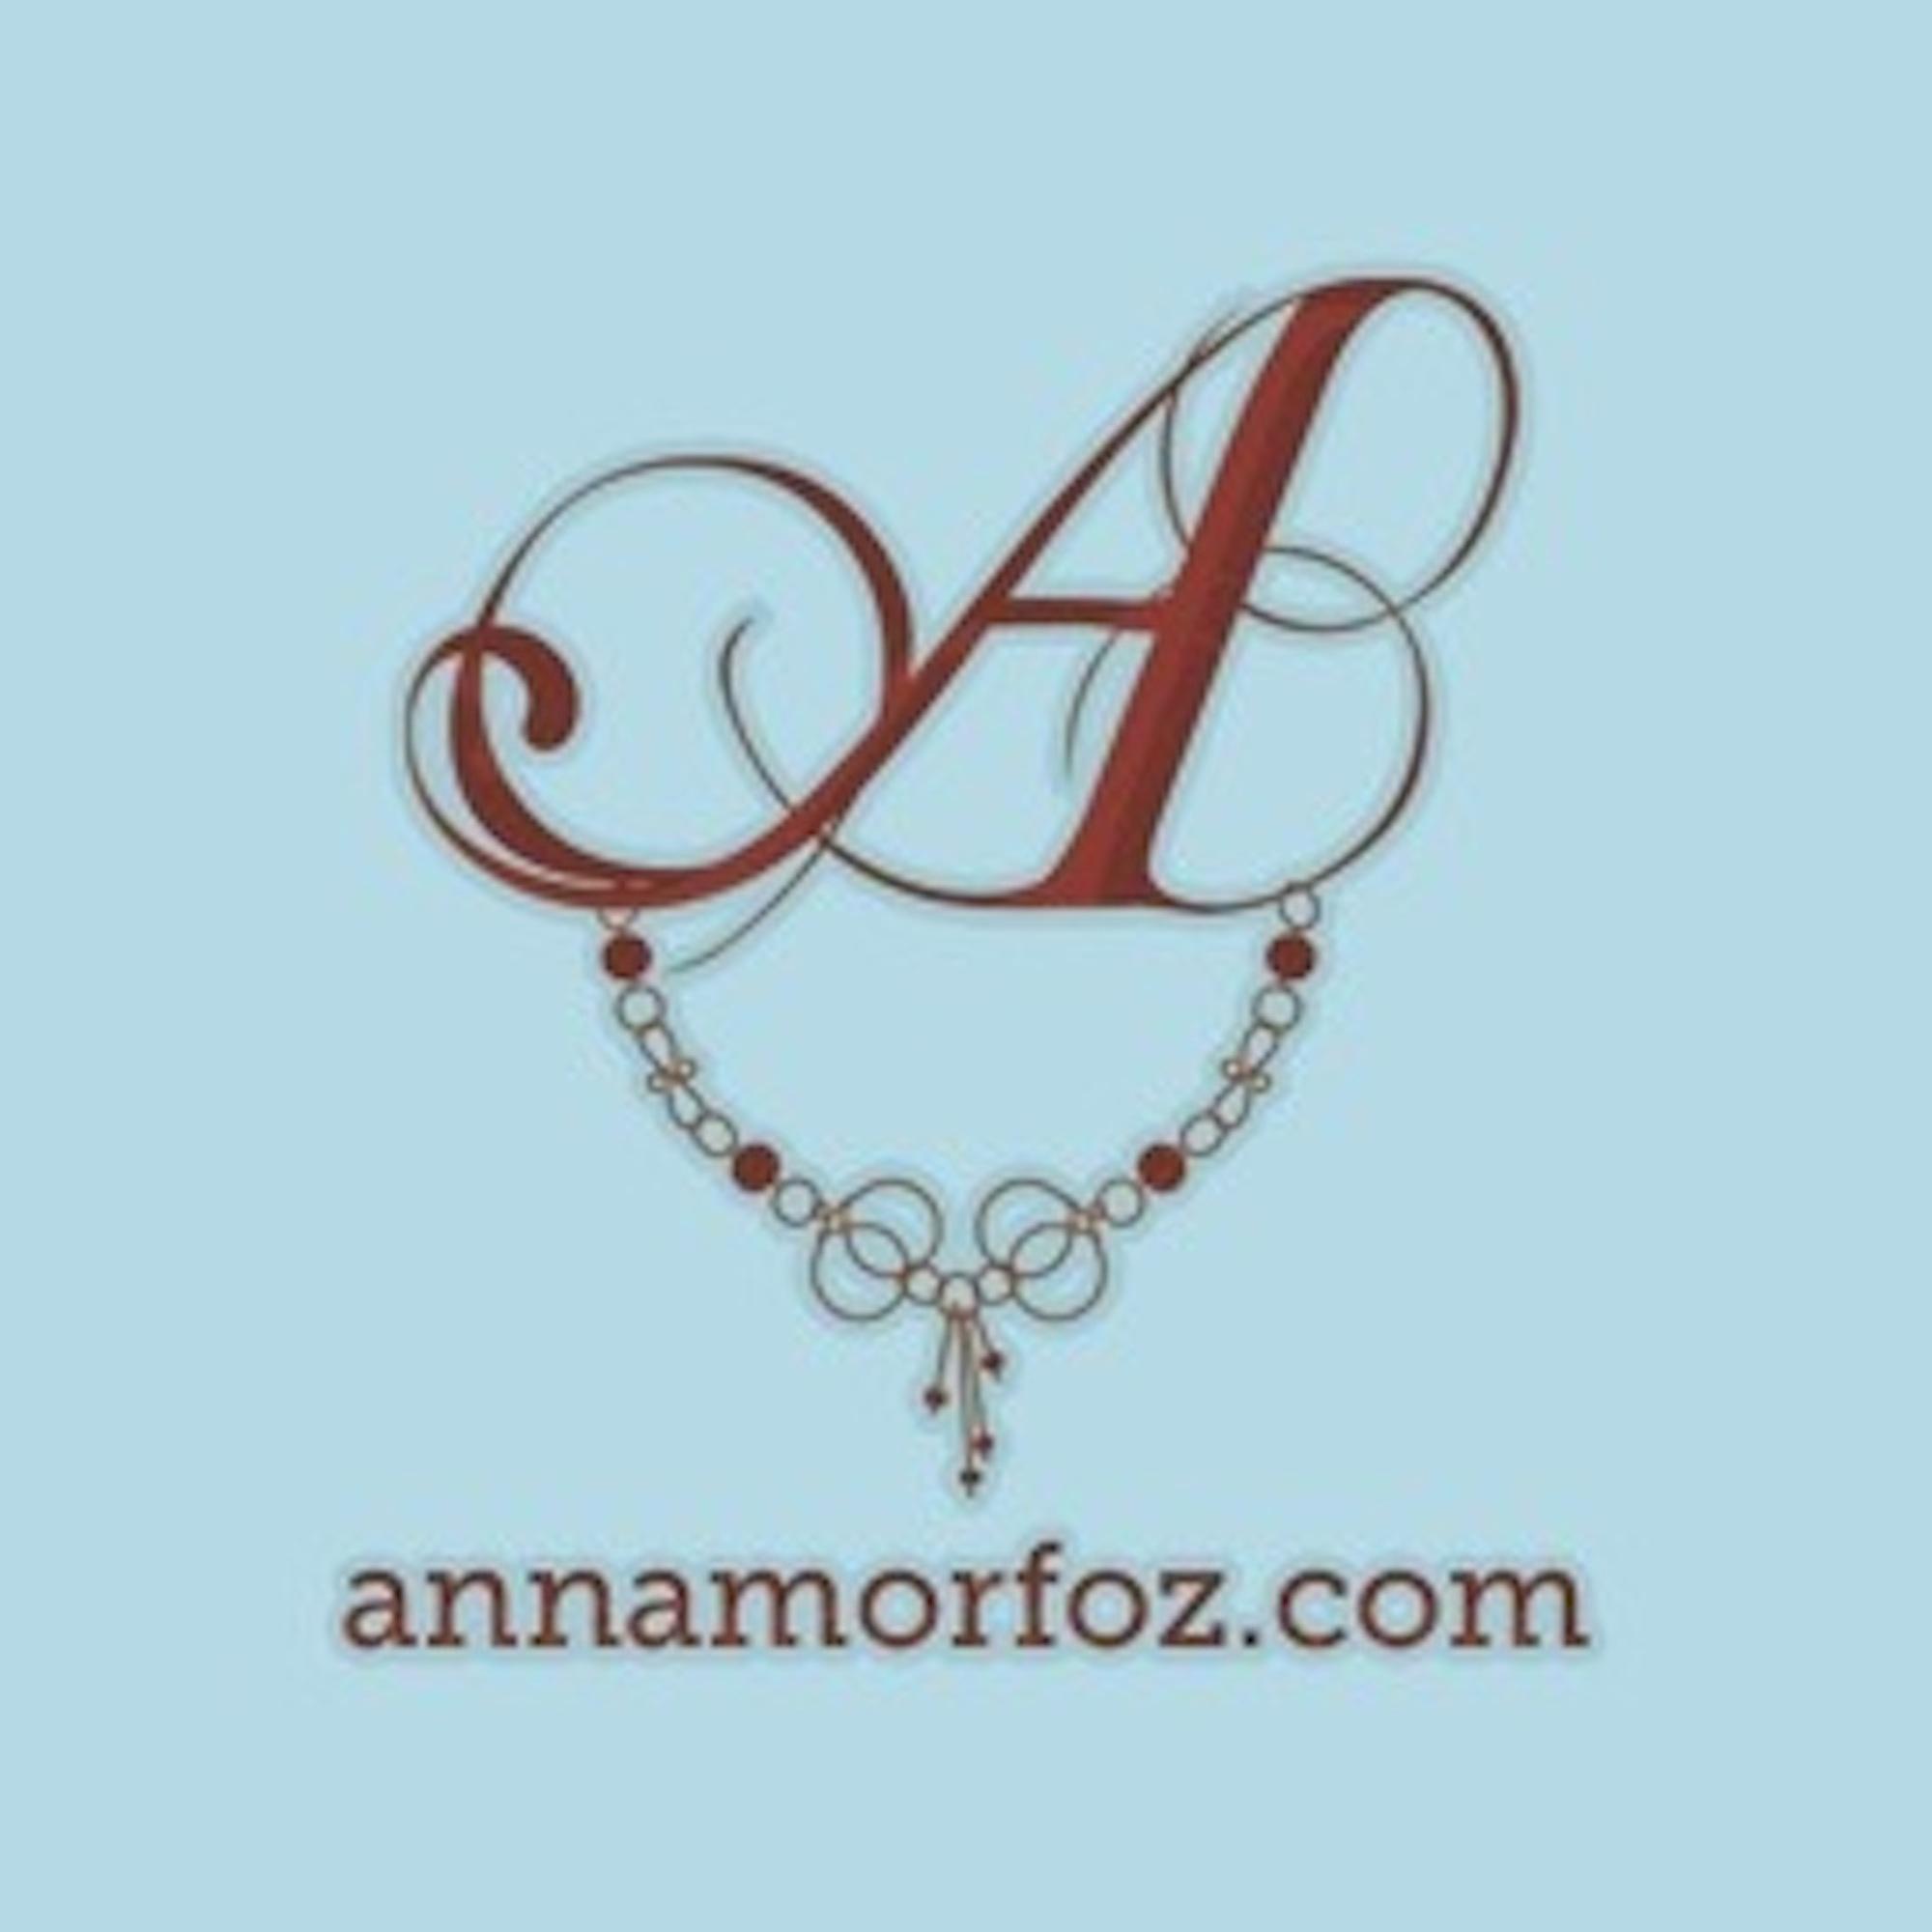 Annamorfoz - L'Escale des Créateurs